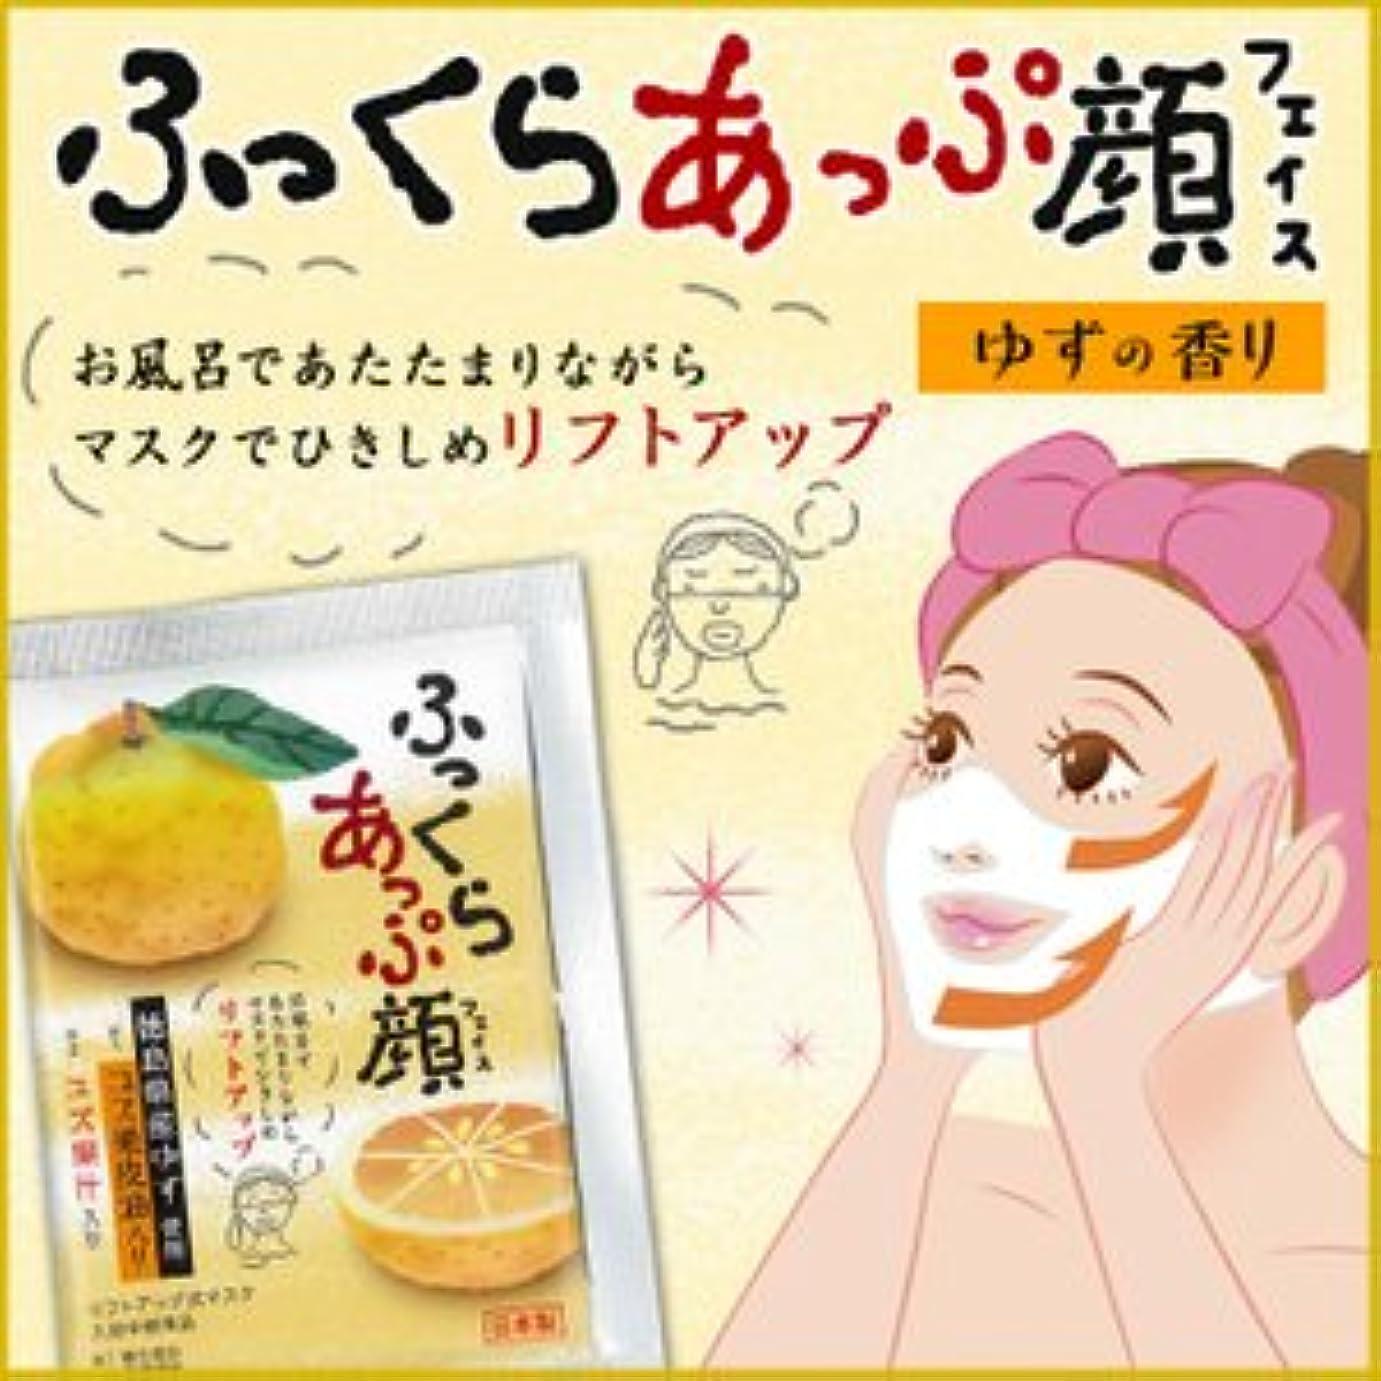 紳士気取りの、きざなハント繁殖リフトアップ フェイスマスク ゆずの香り(20ml×1×7枚)